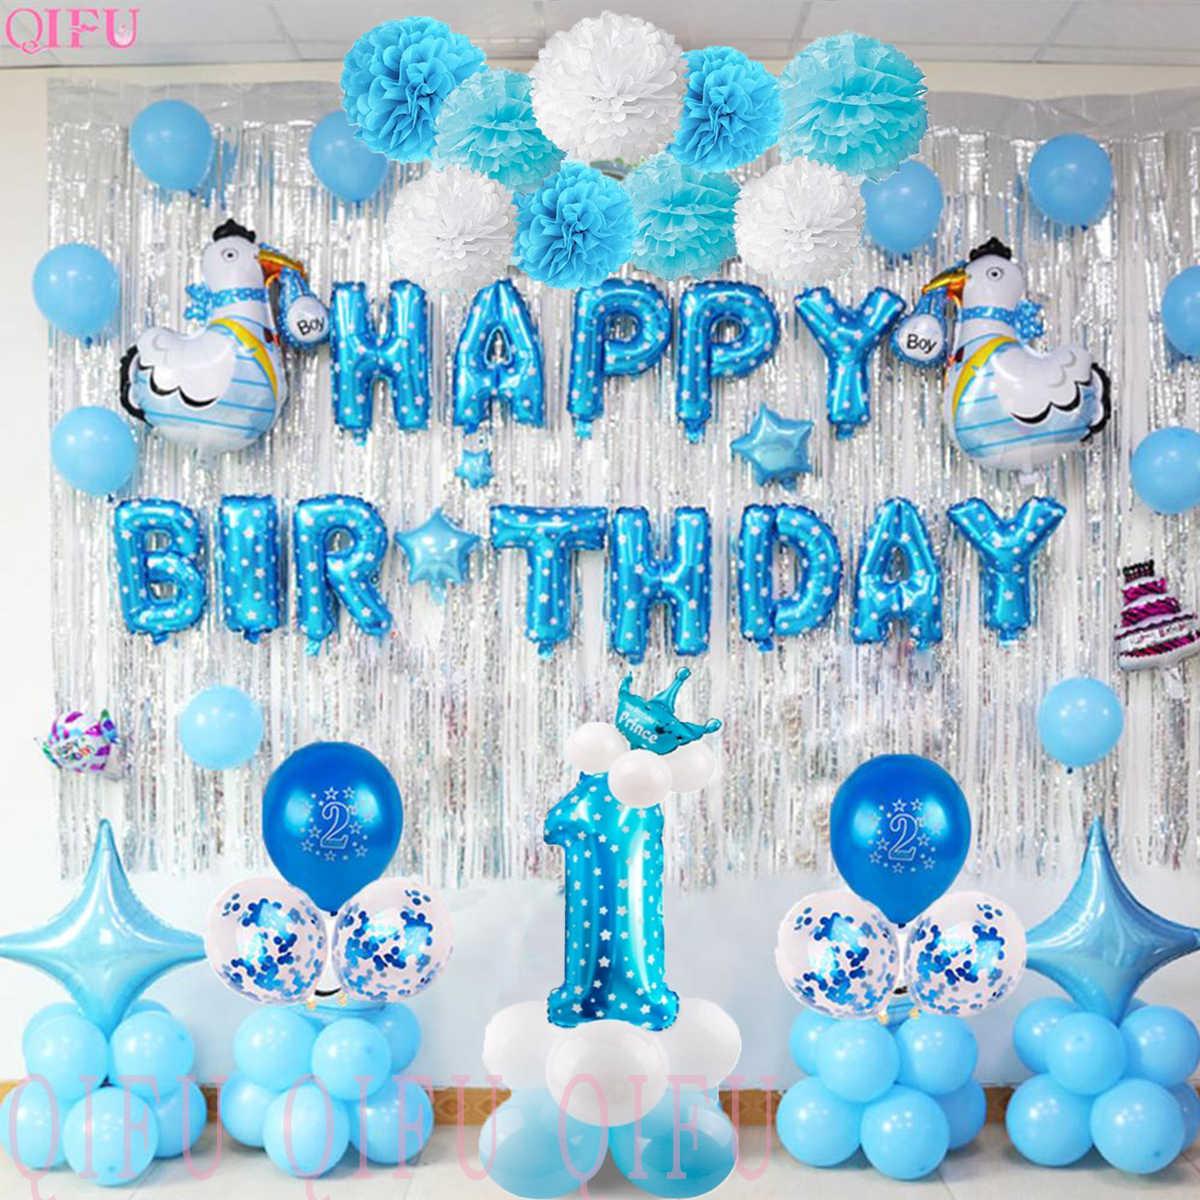 Qifu 1 Cumpleaños 1st Decoraciones Para Fiesta De Cumpleaños De Los Niños De Mi Primer Cumpleaños Azules De Fiesta Decoración De Globos De Papel De Aluminio Bebé Niño Que Soy Un Año Decoraciones